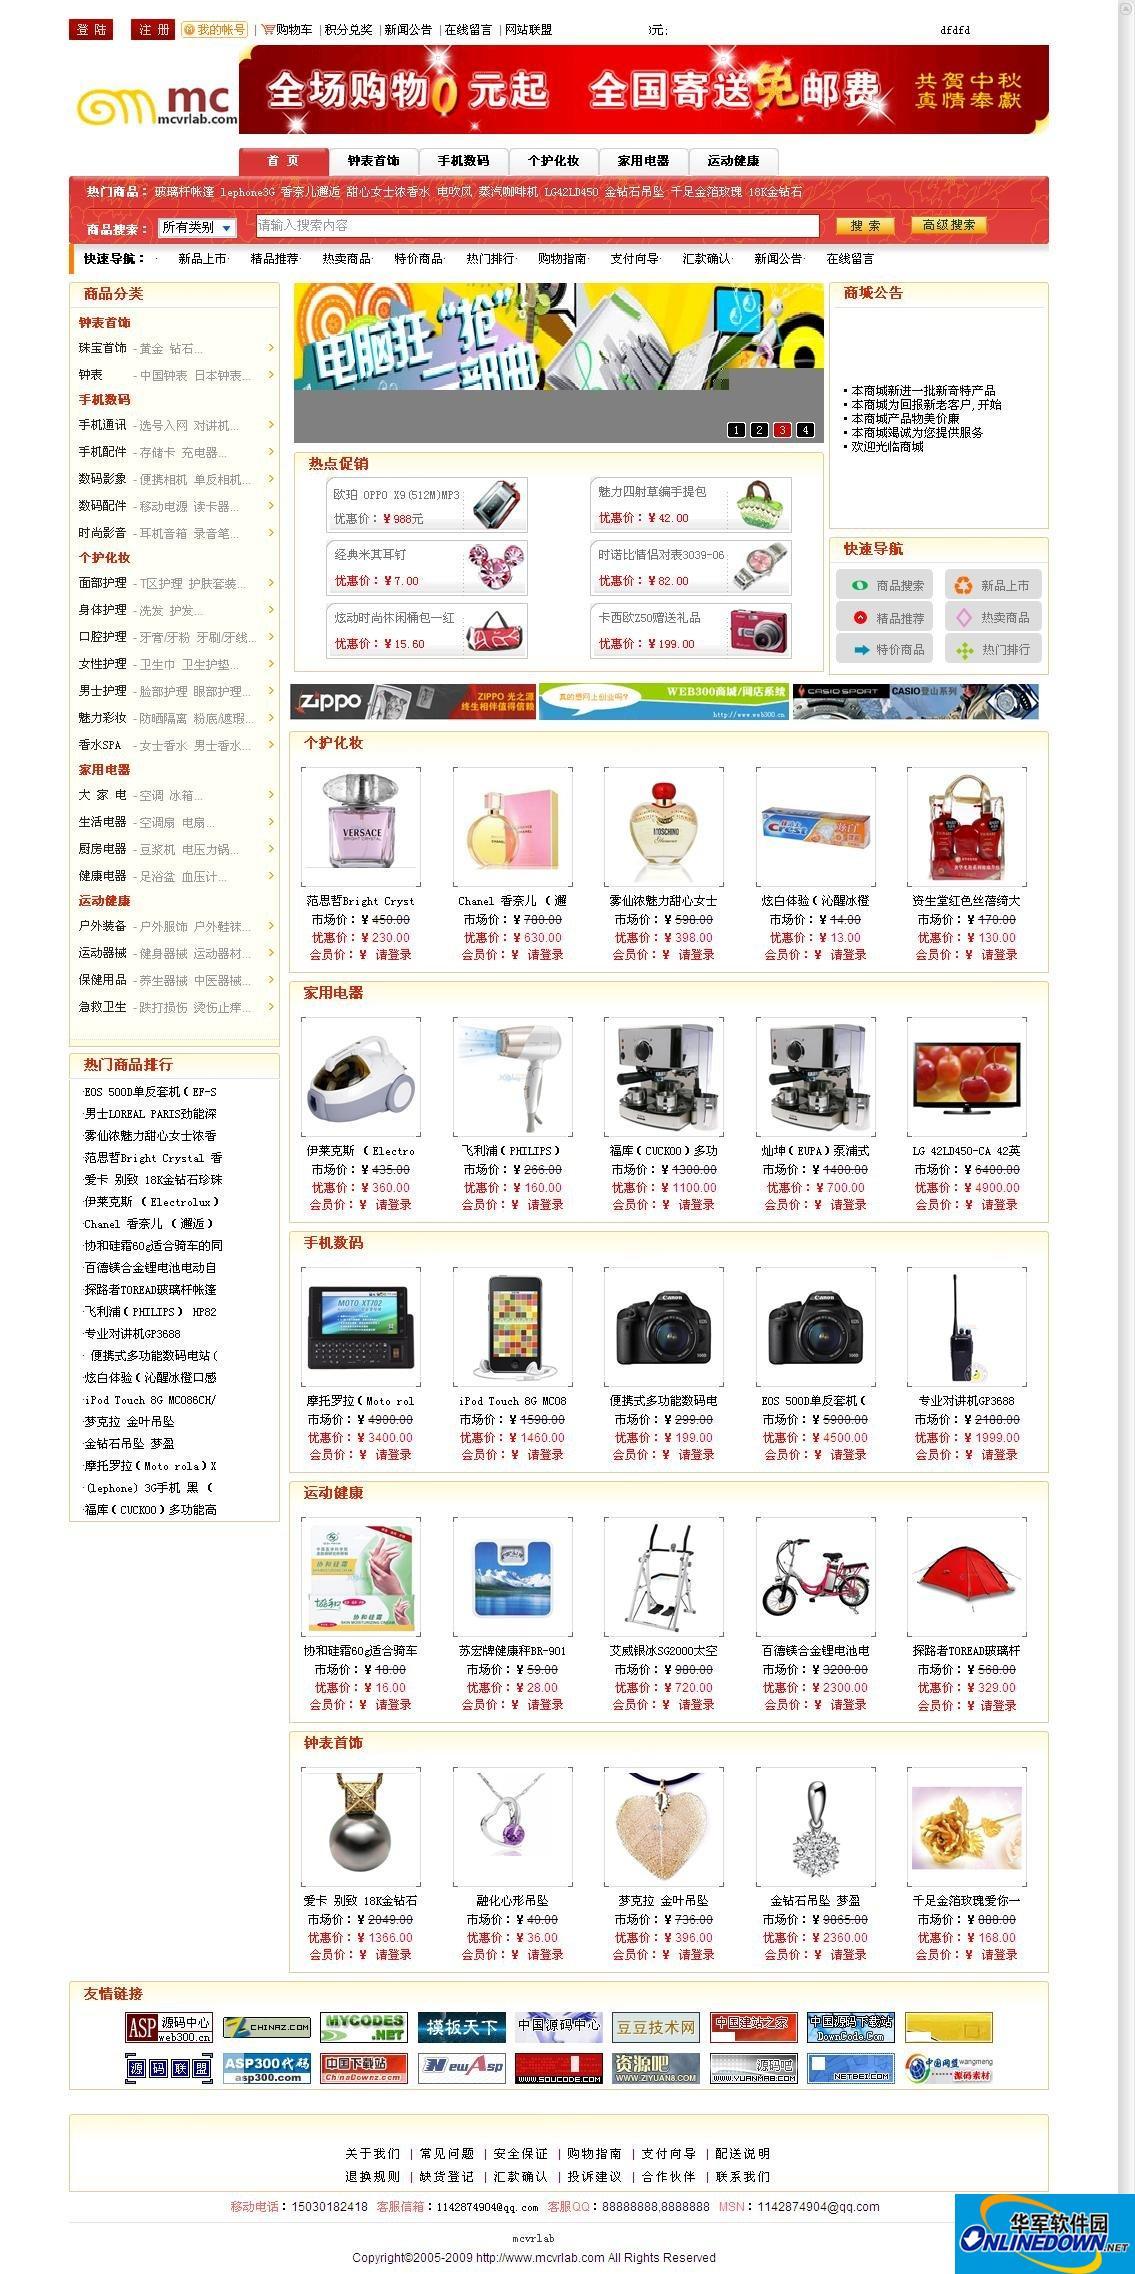 mc_shop b2c网上商城购物系统